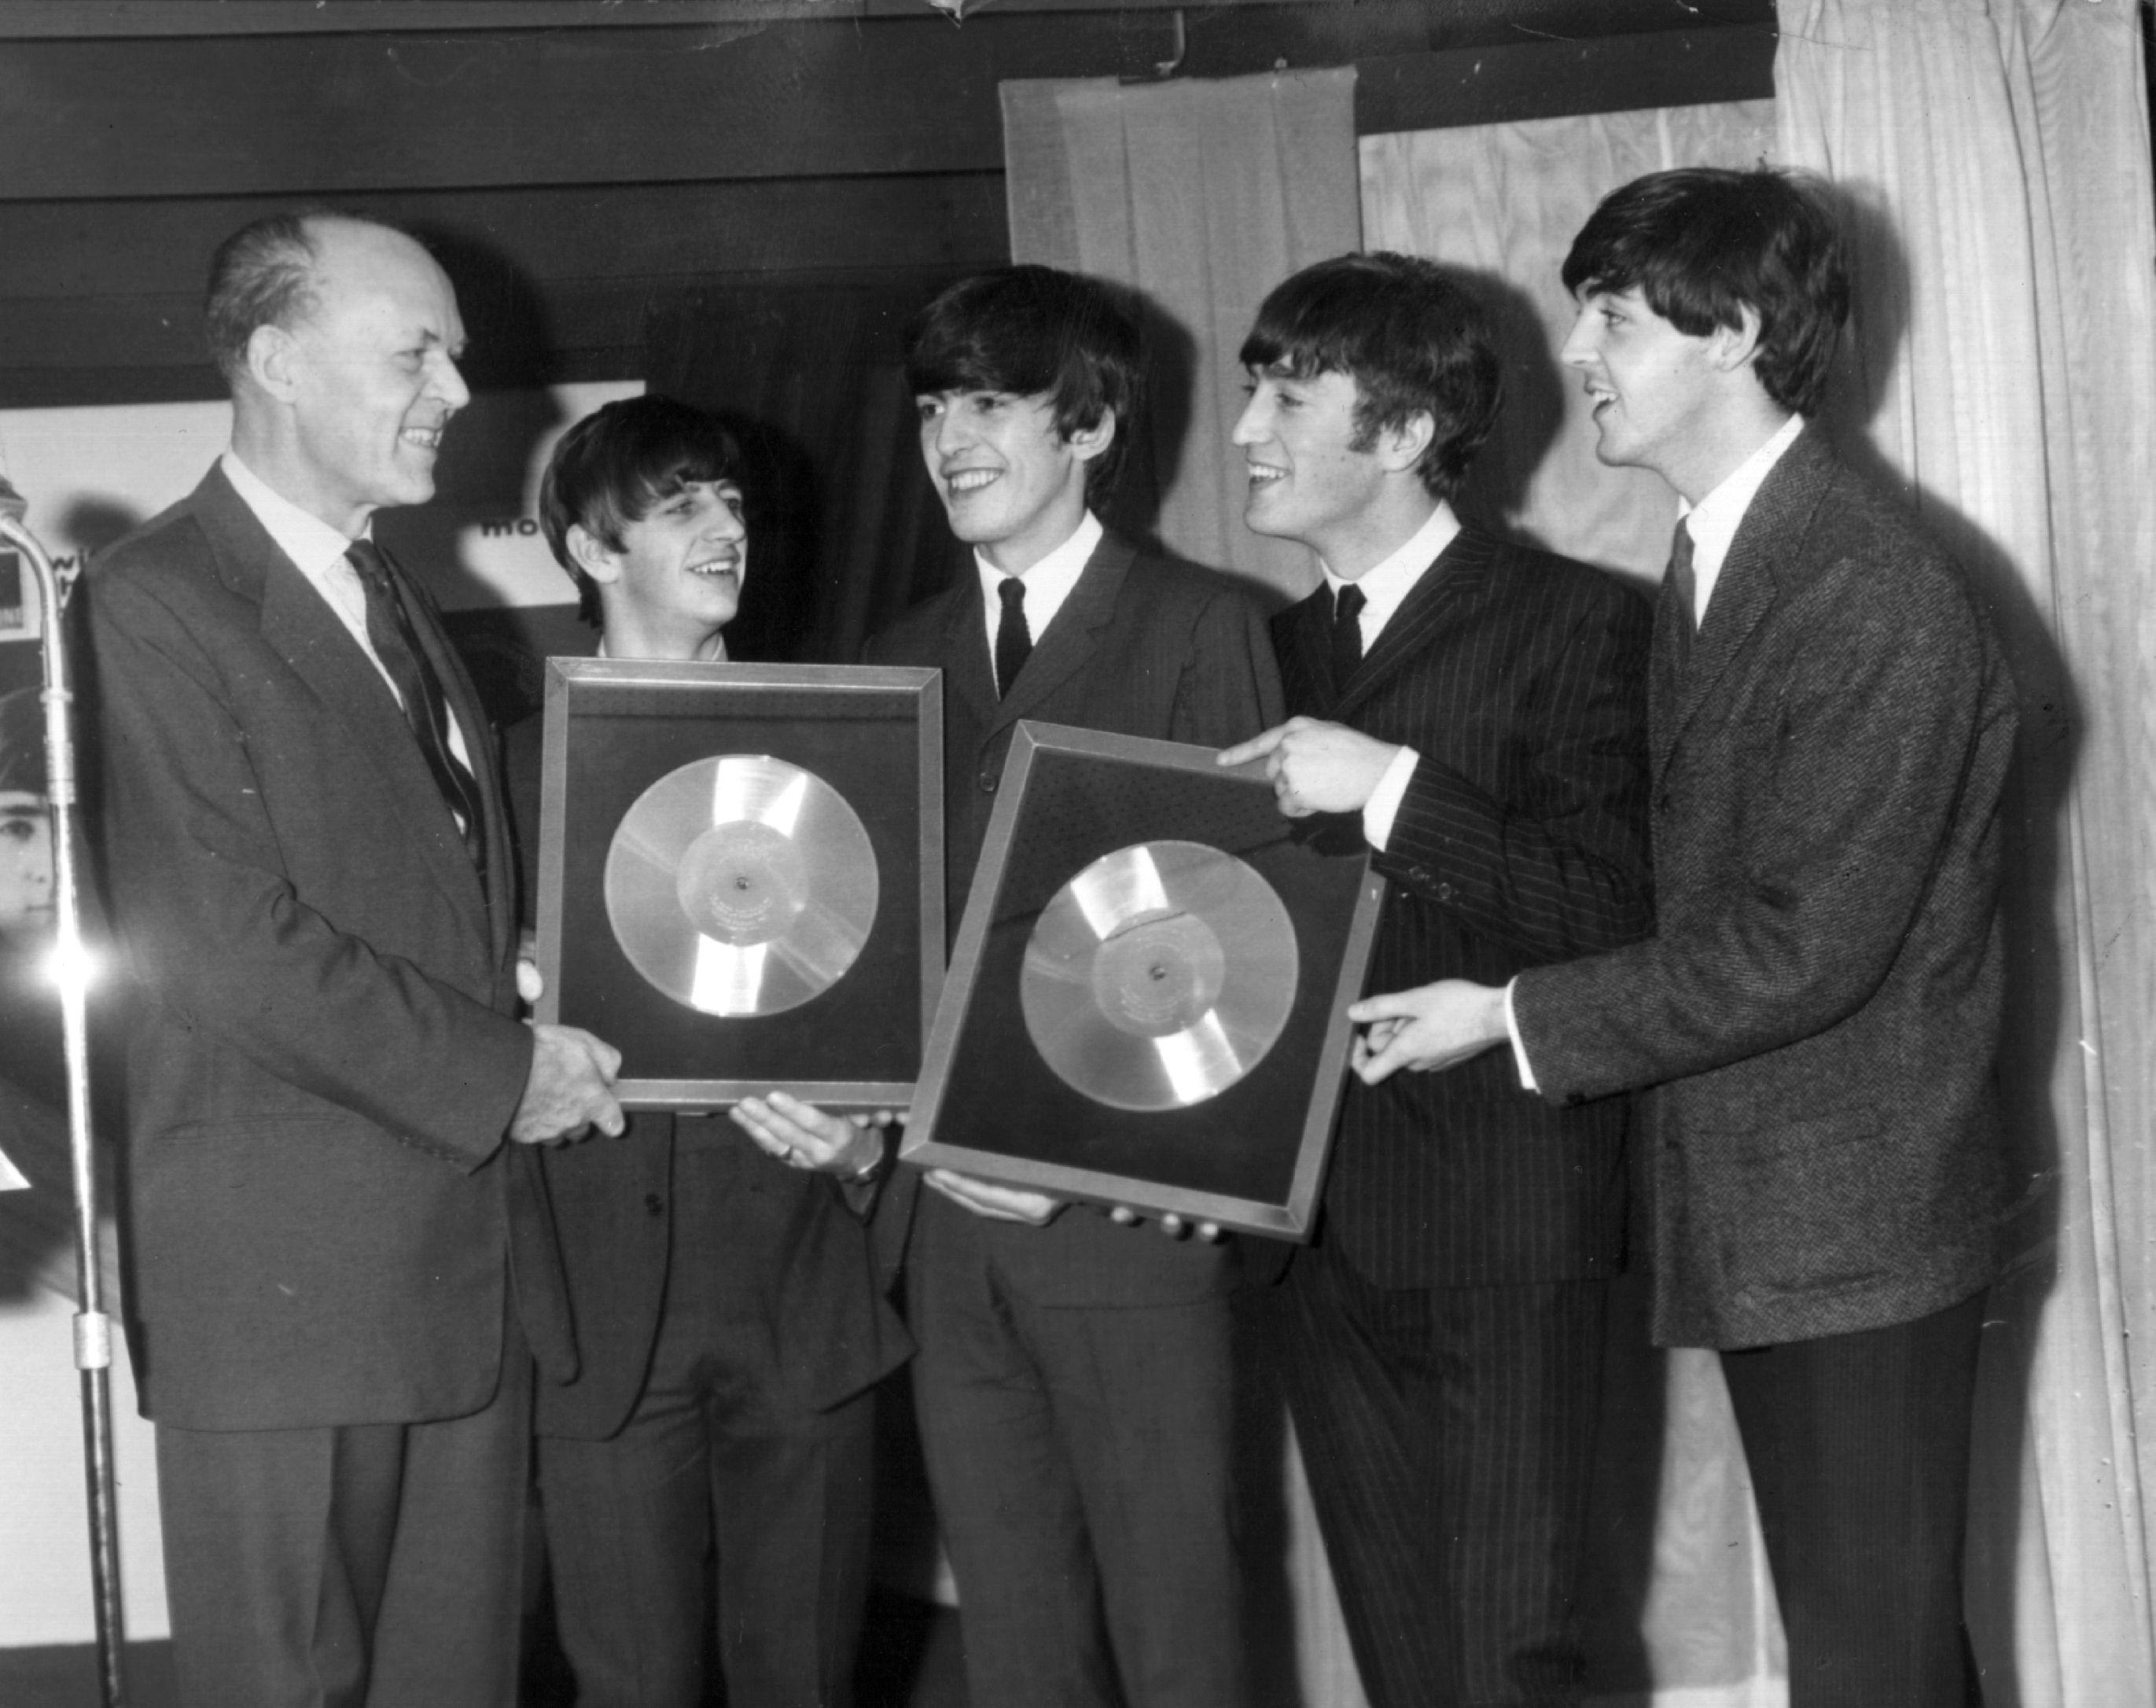 Beatles Discs